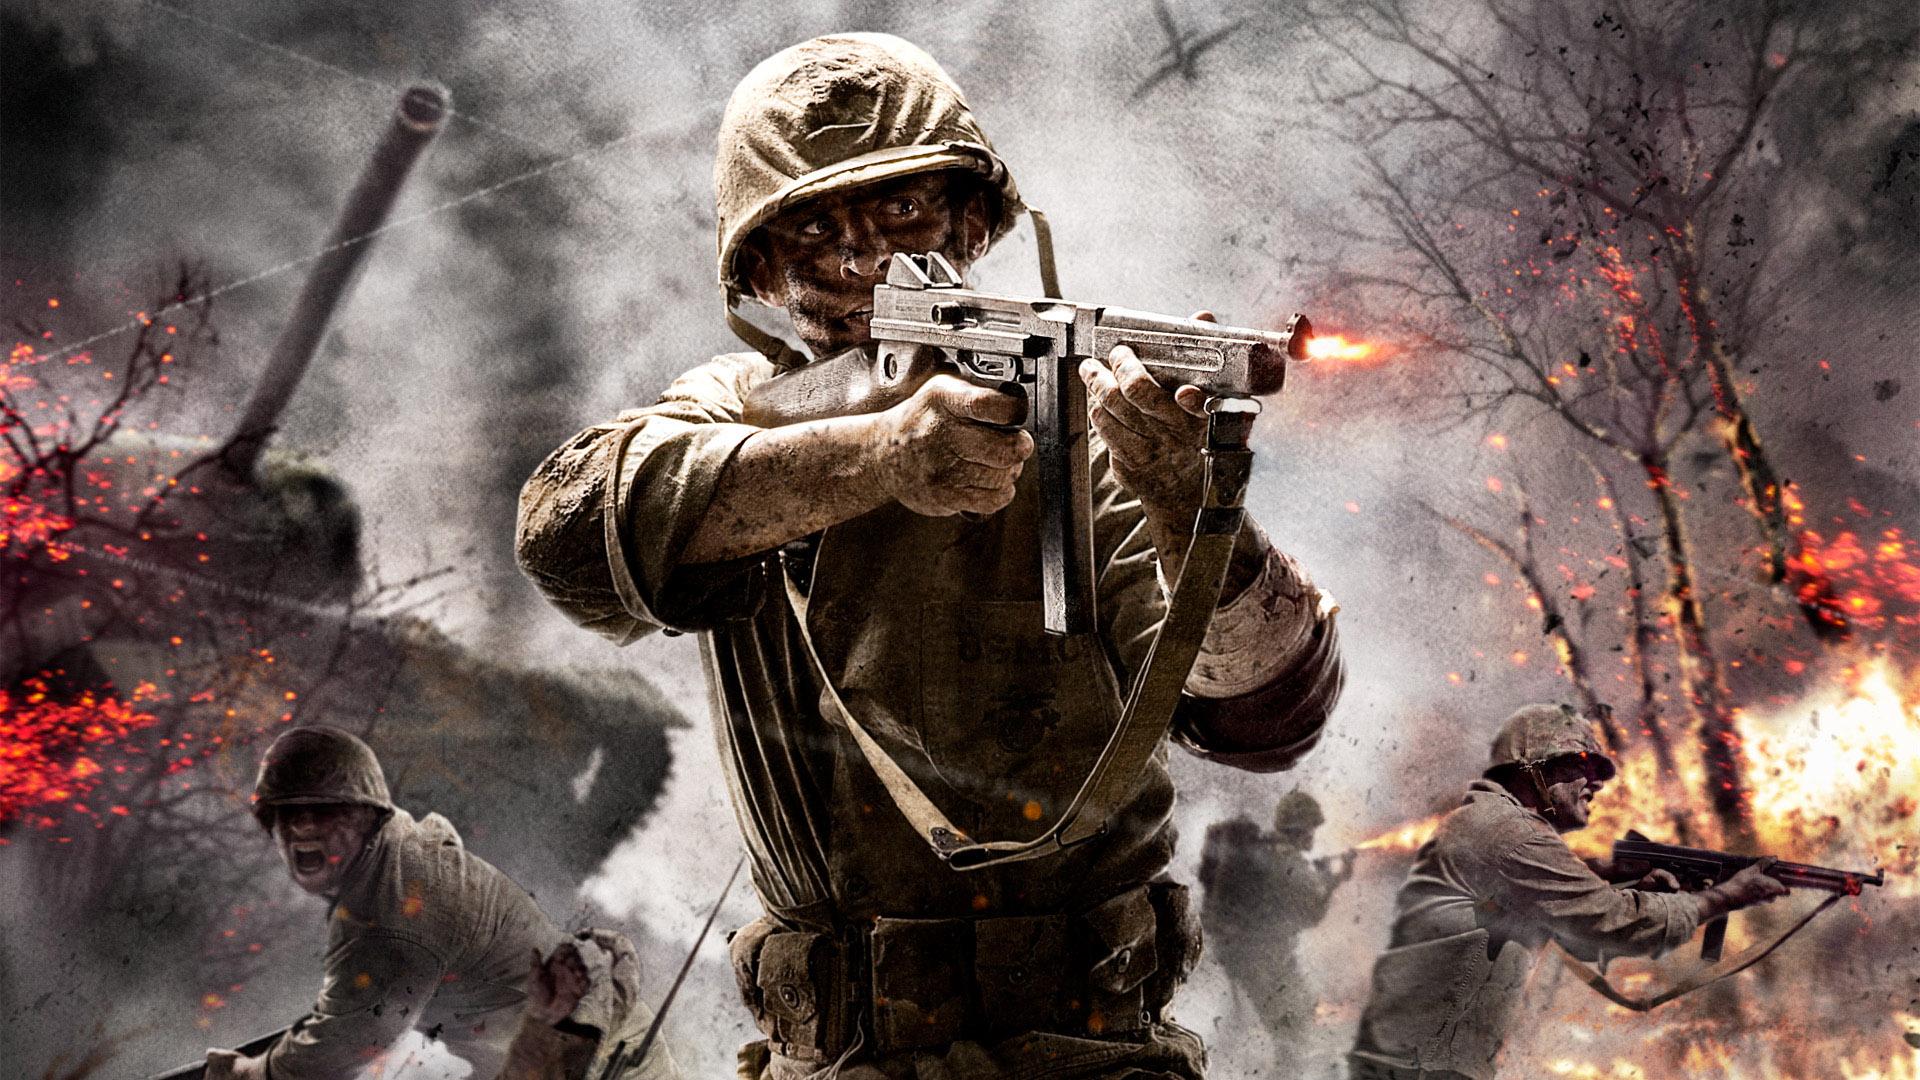 Soldado de los videojuegos - 1920x1080